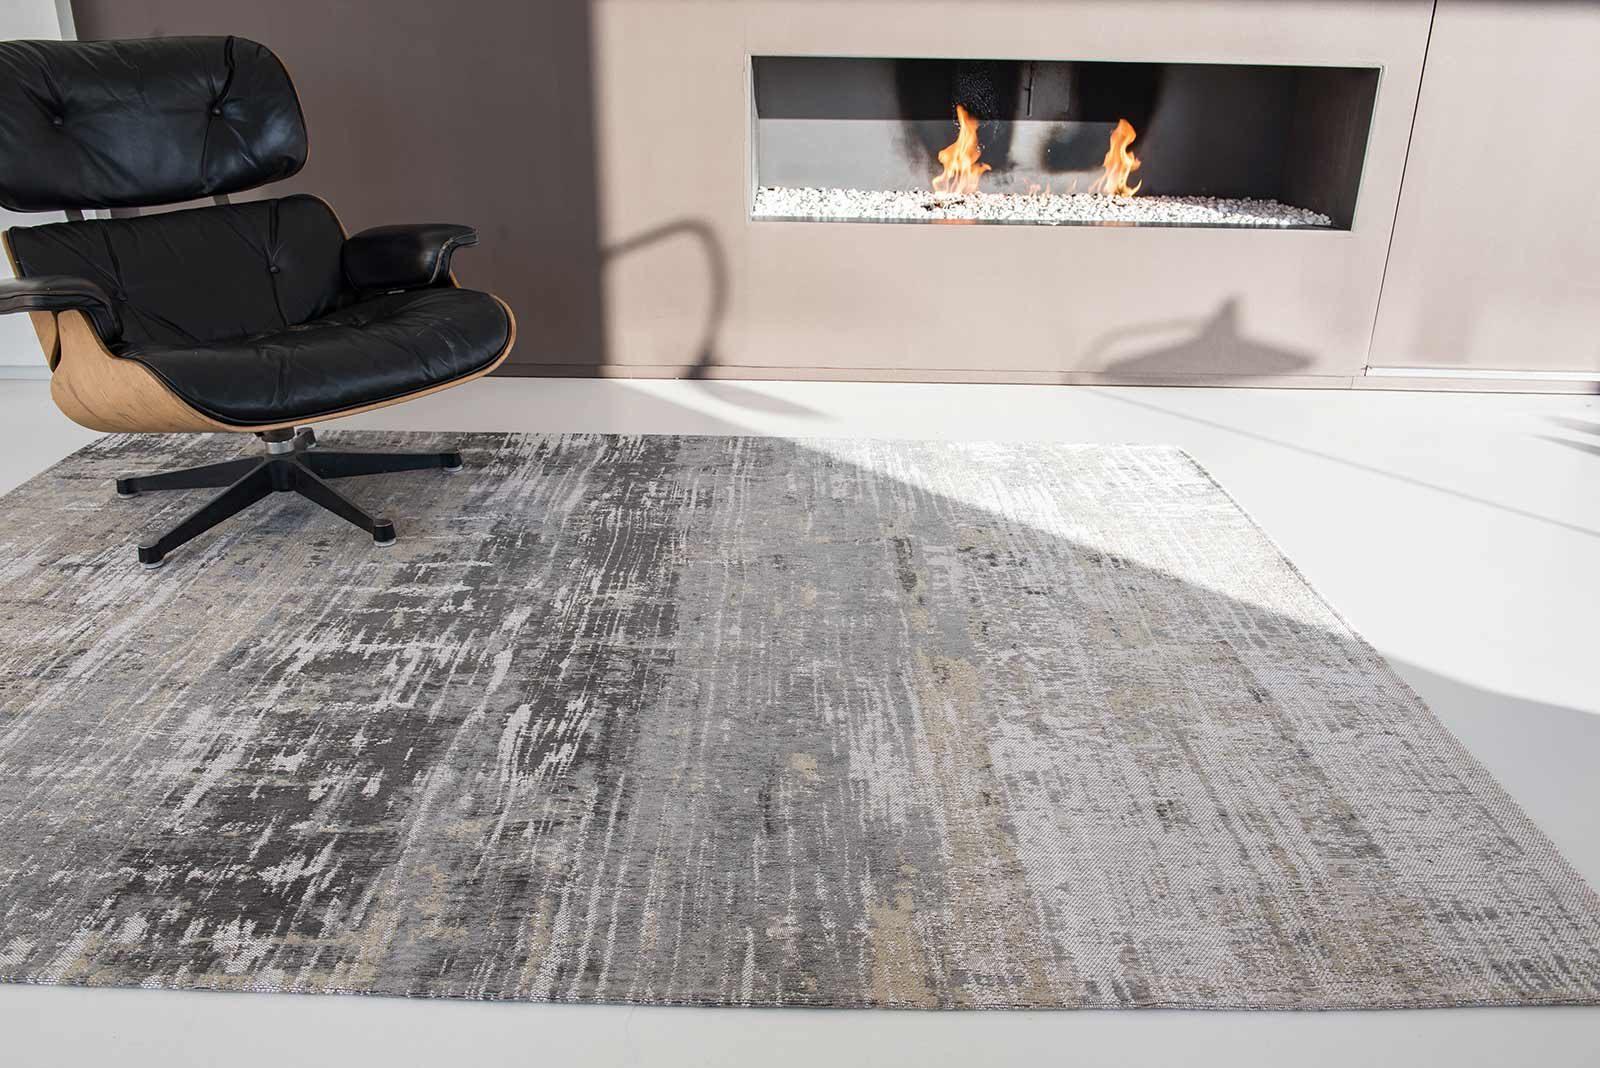 alfombras Louis De Poortere LX8716 Atlantic Streaks Coney Grey interior